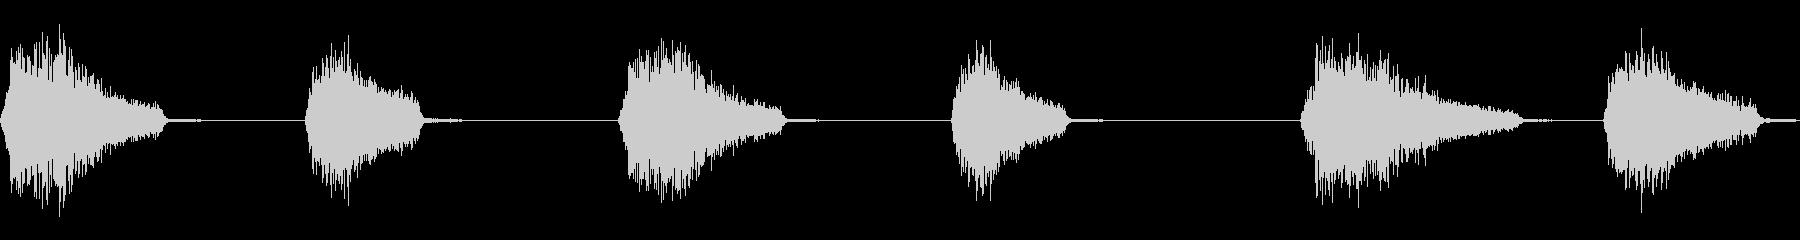 ゾンビの死の叫びの未再生の波形